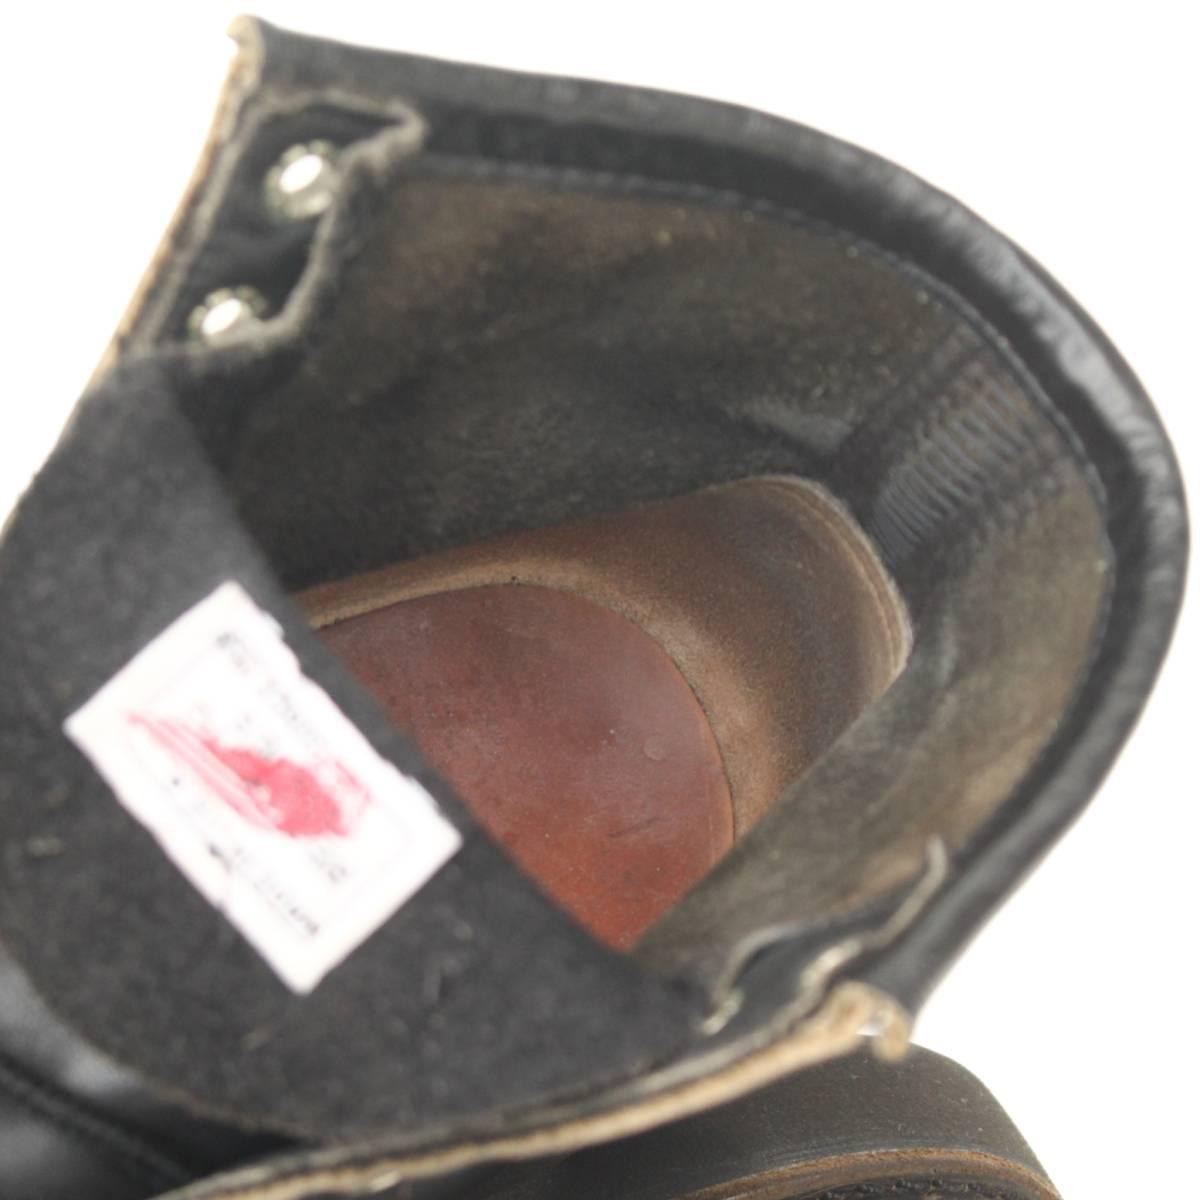 【SALE】良品98年製REDWING8137レッドウィング7D約25cm (オールブラック ビブラム製 黒ソール黒モックトゥ刺繍羽タグ1円スタートyk99006)_画像9